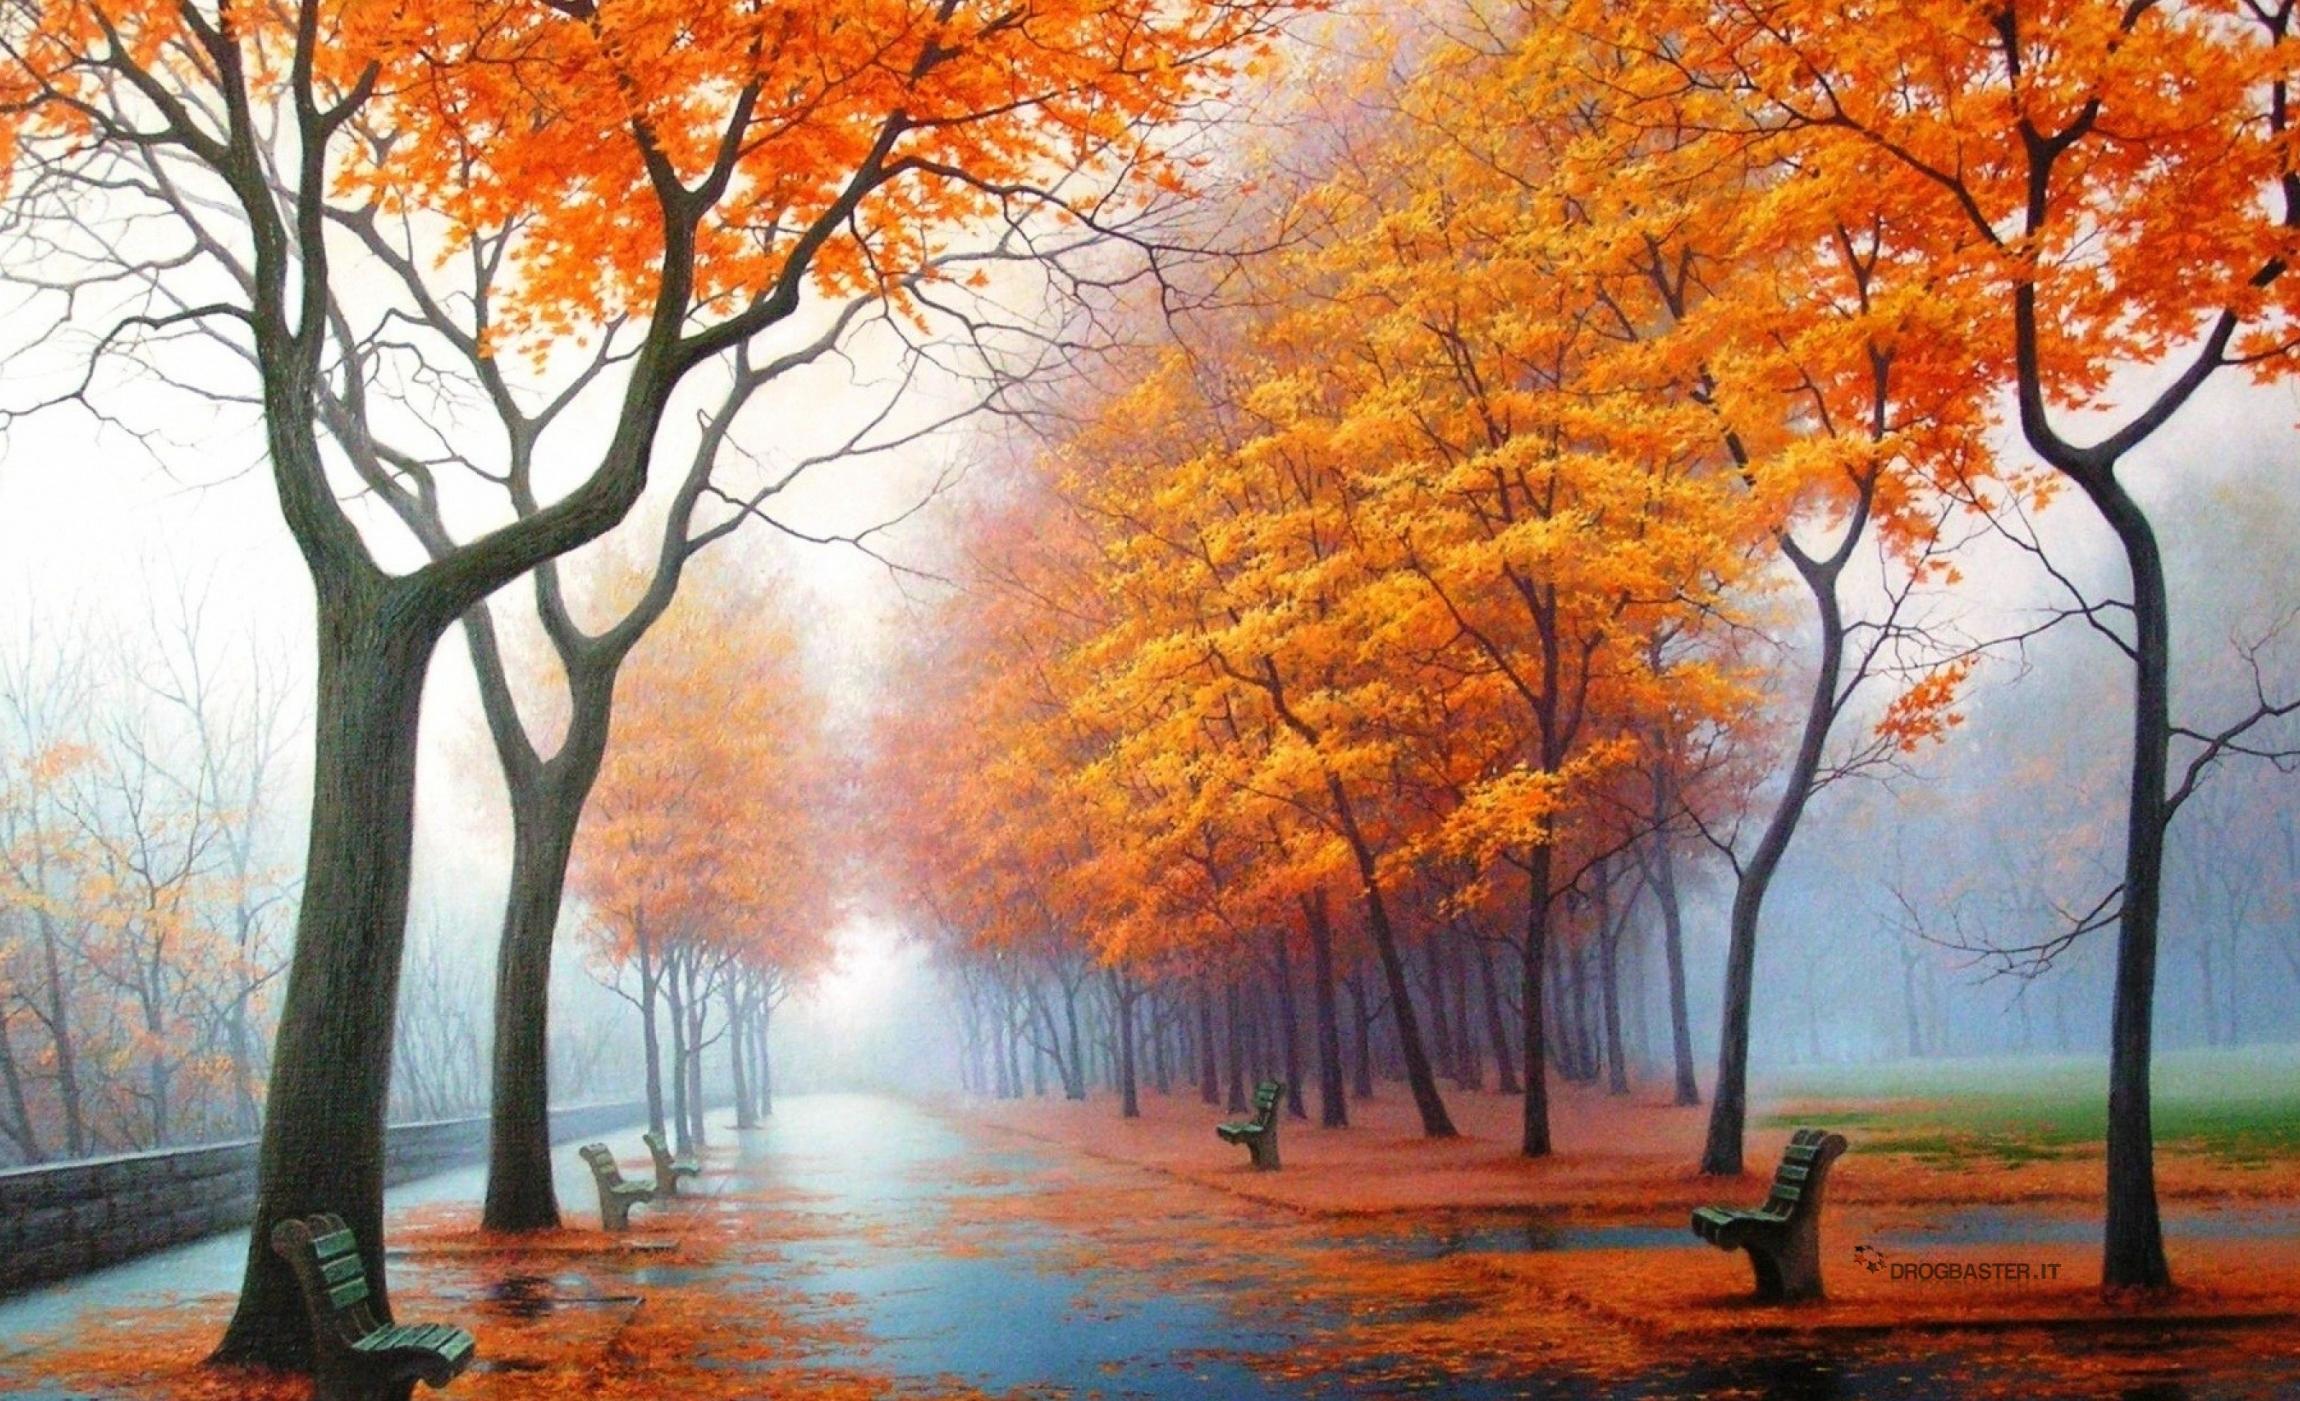 Sfondi e wallpaper gratis immagini natura for Autunno sfondi desktop